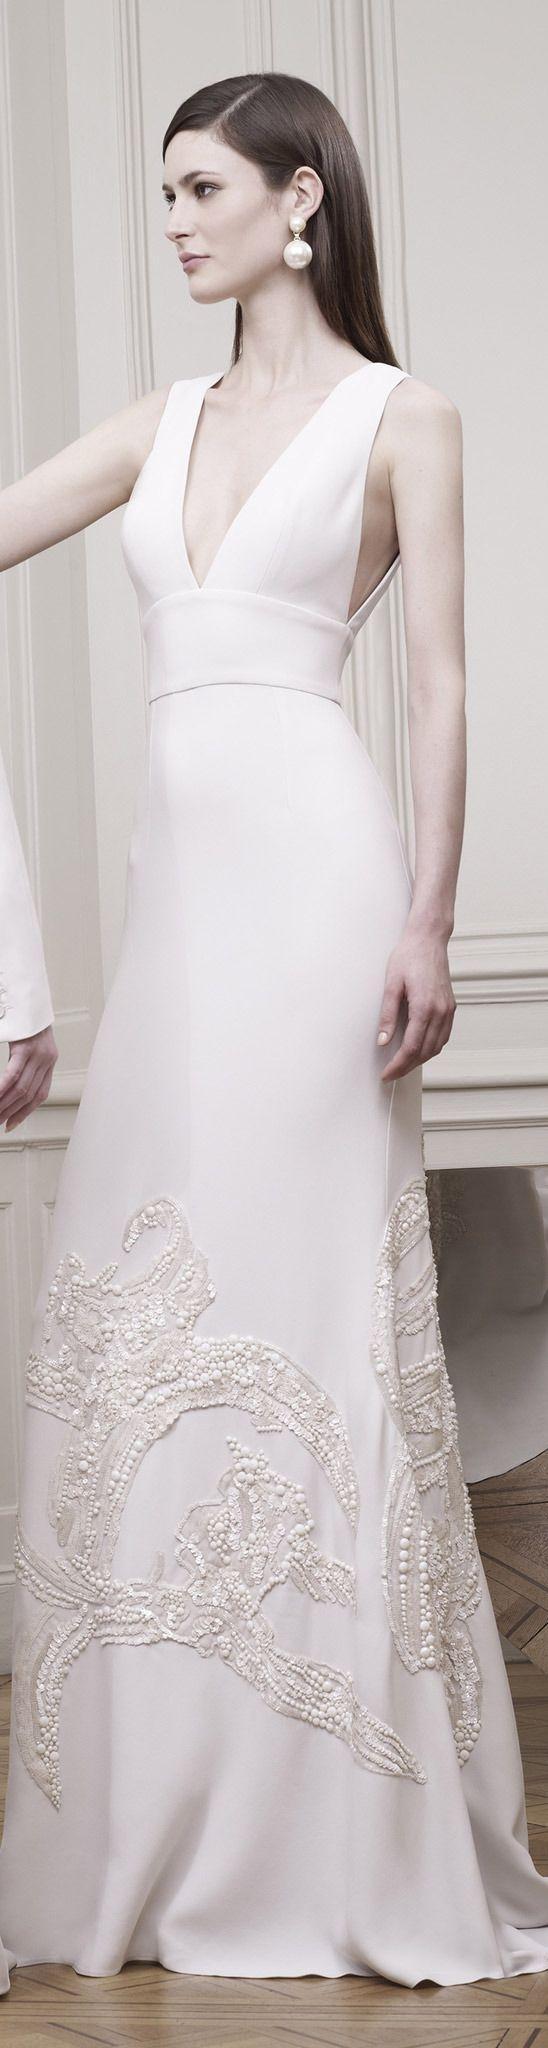 Hochzeit - Hochzeiten - Here Comes The Bride